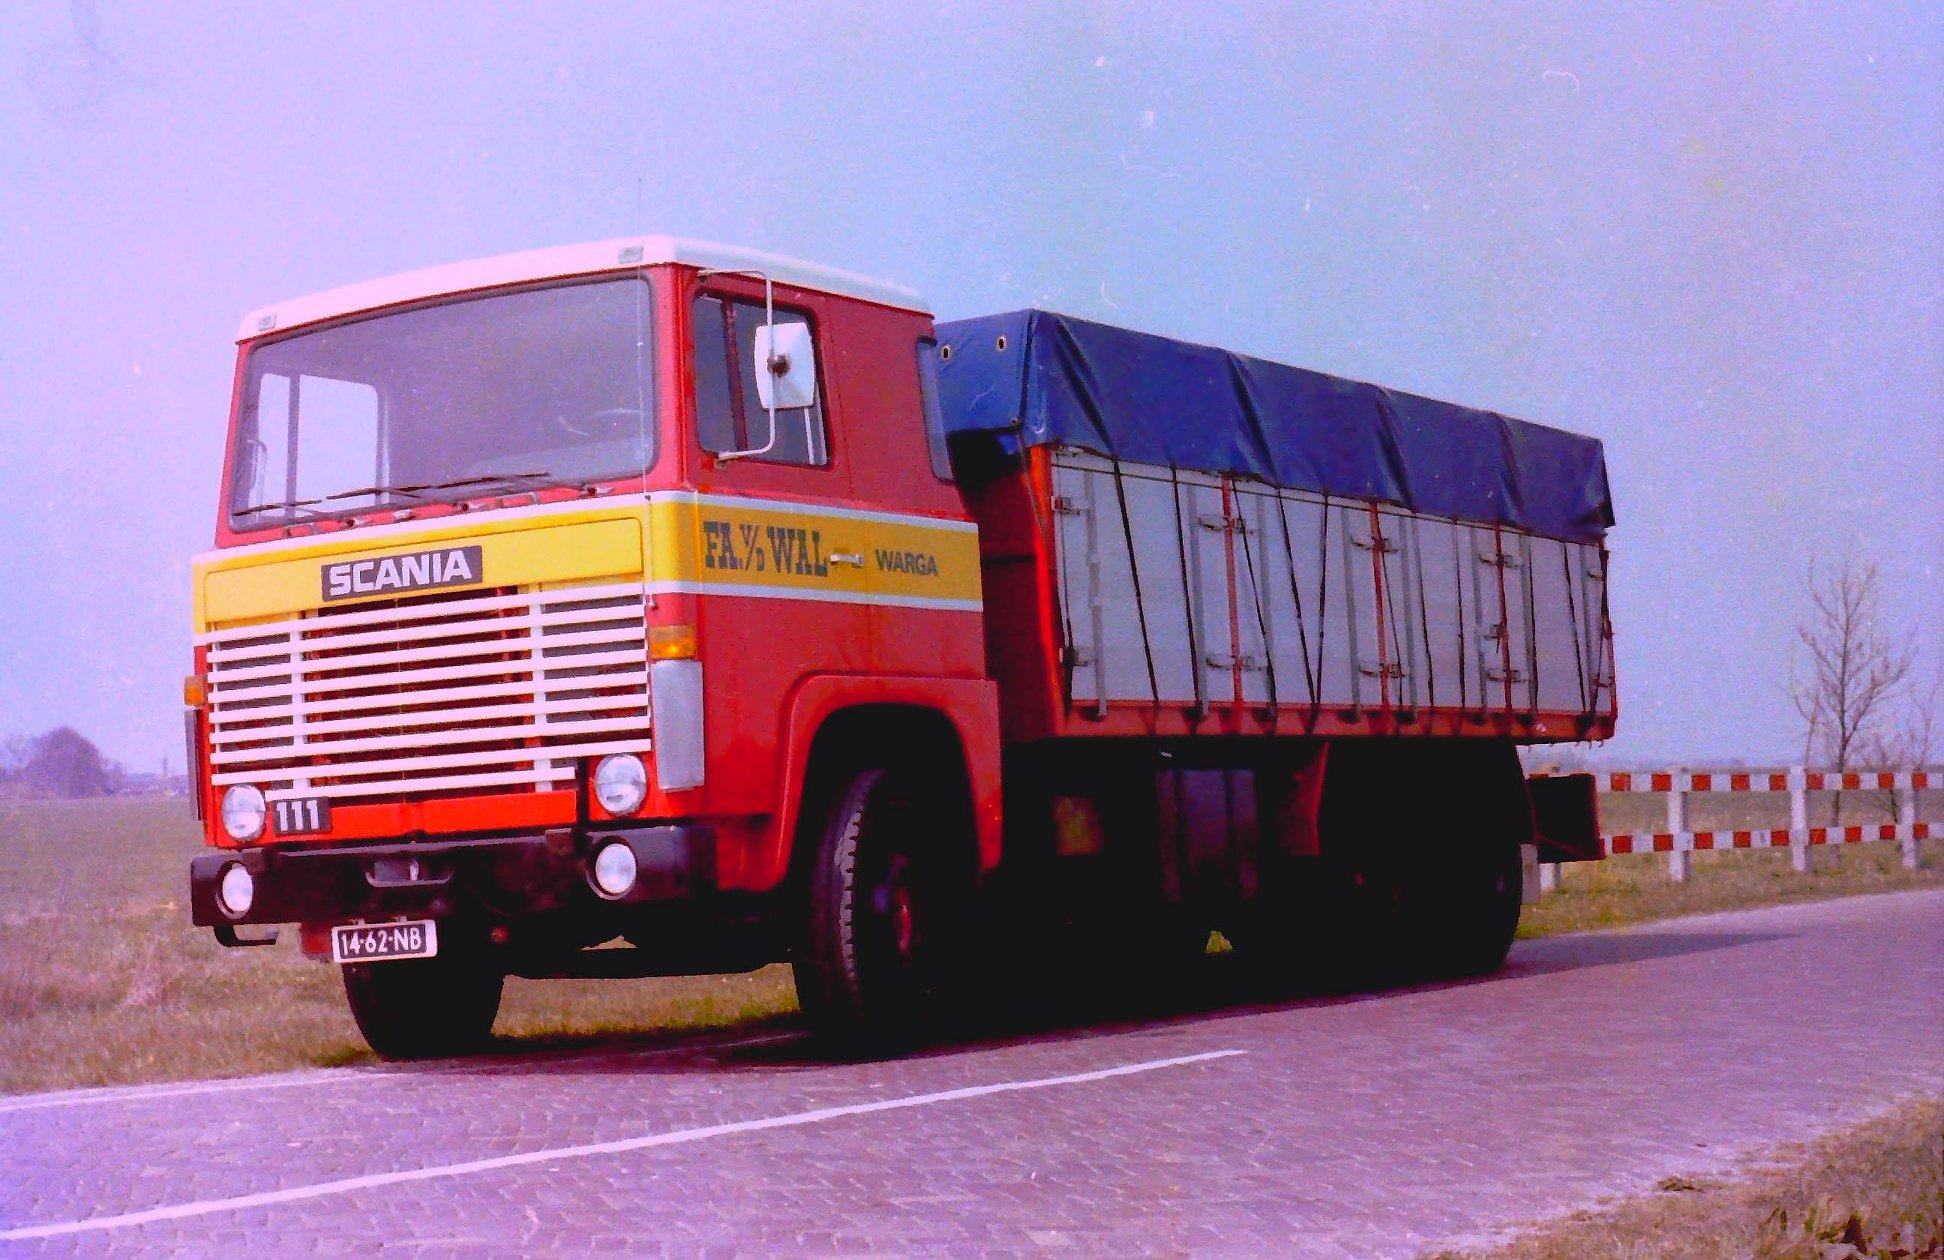 Deze-kipauto-is-gebouwd-door-Rondaan-voor-Van-Der-Wal-uit-Warga-1